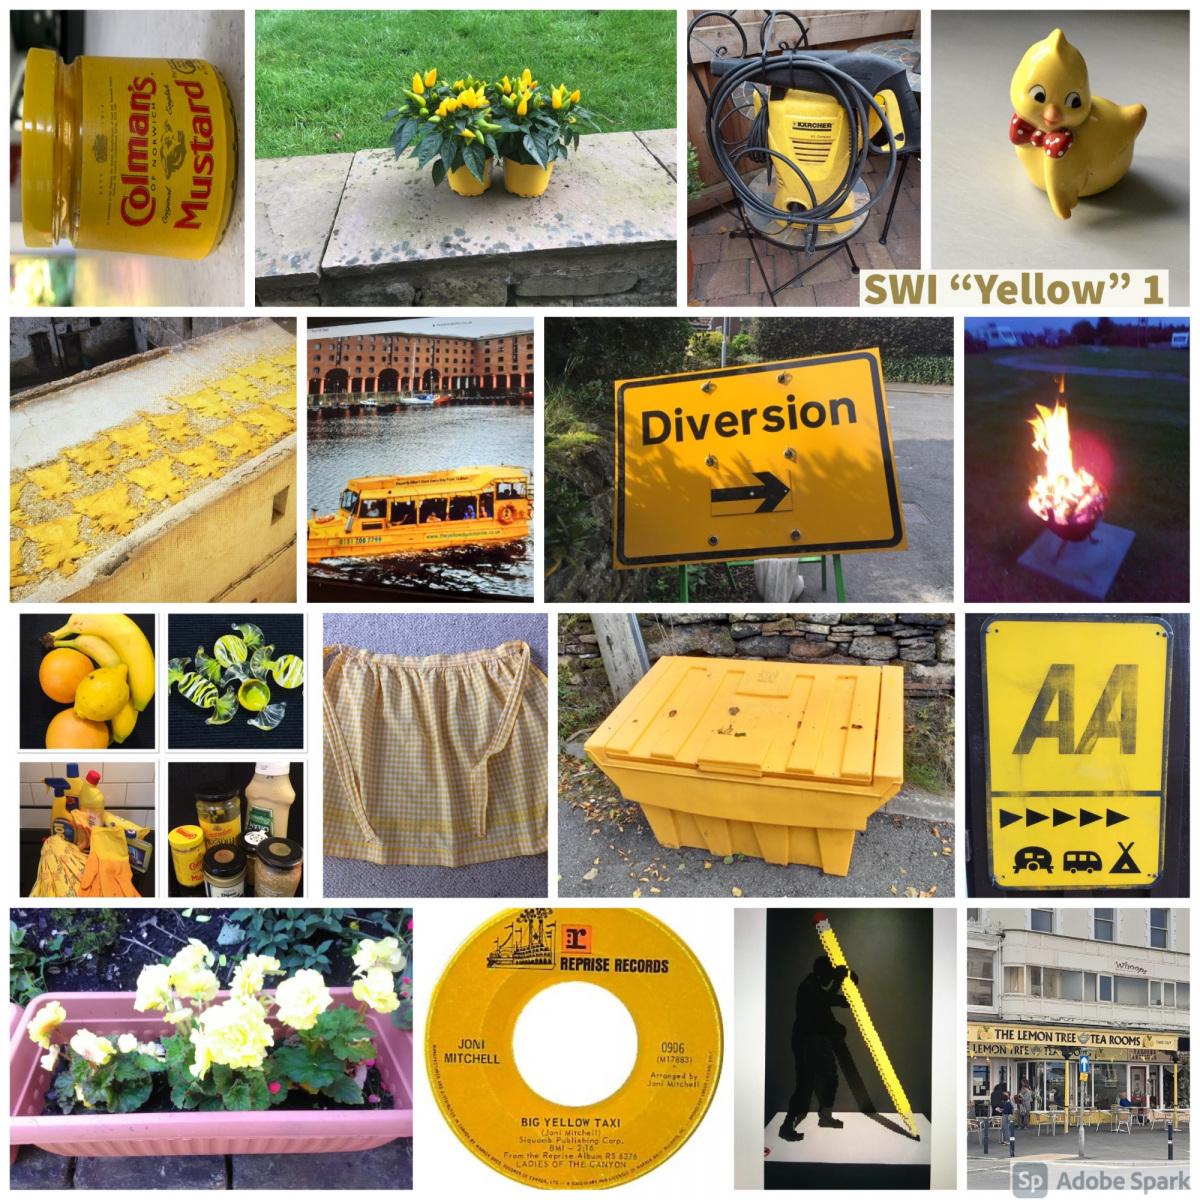 SWI-Yellow-part1